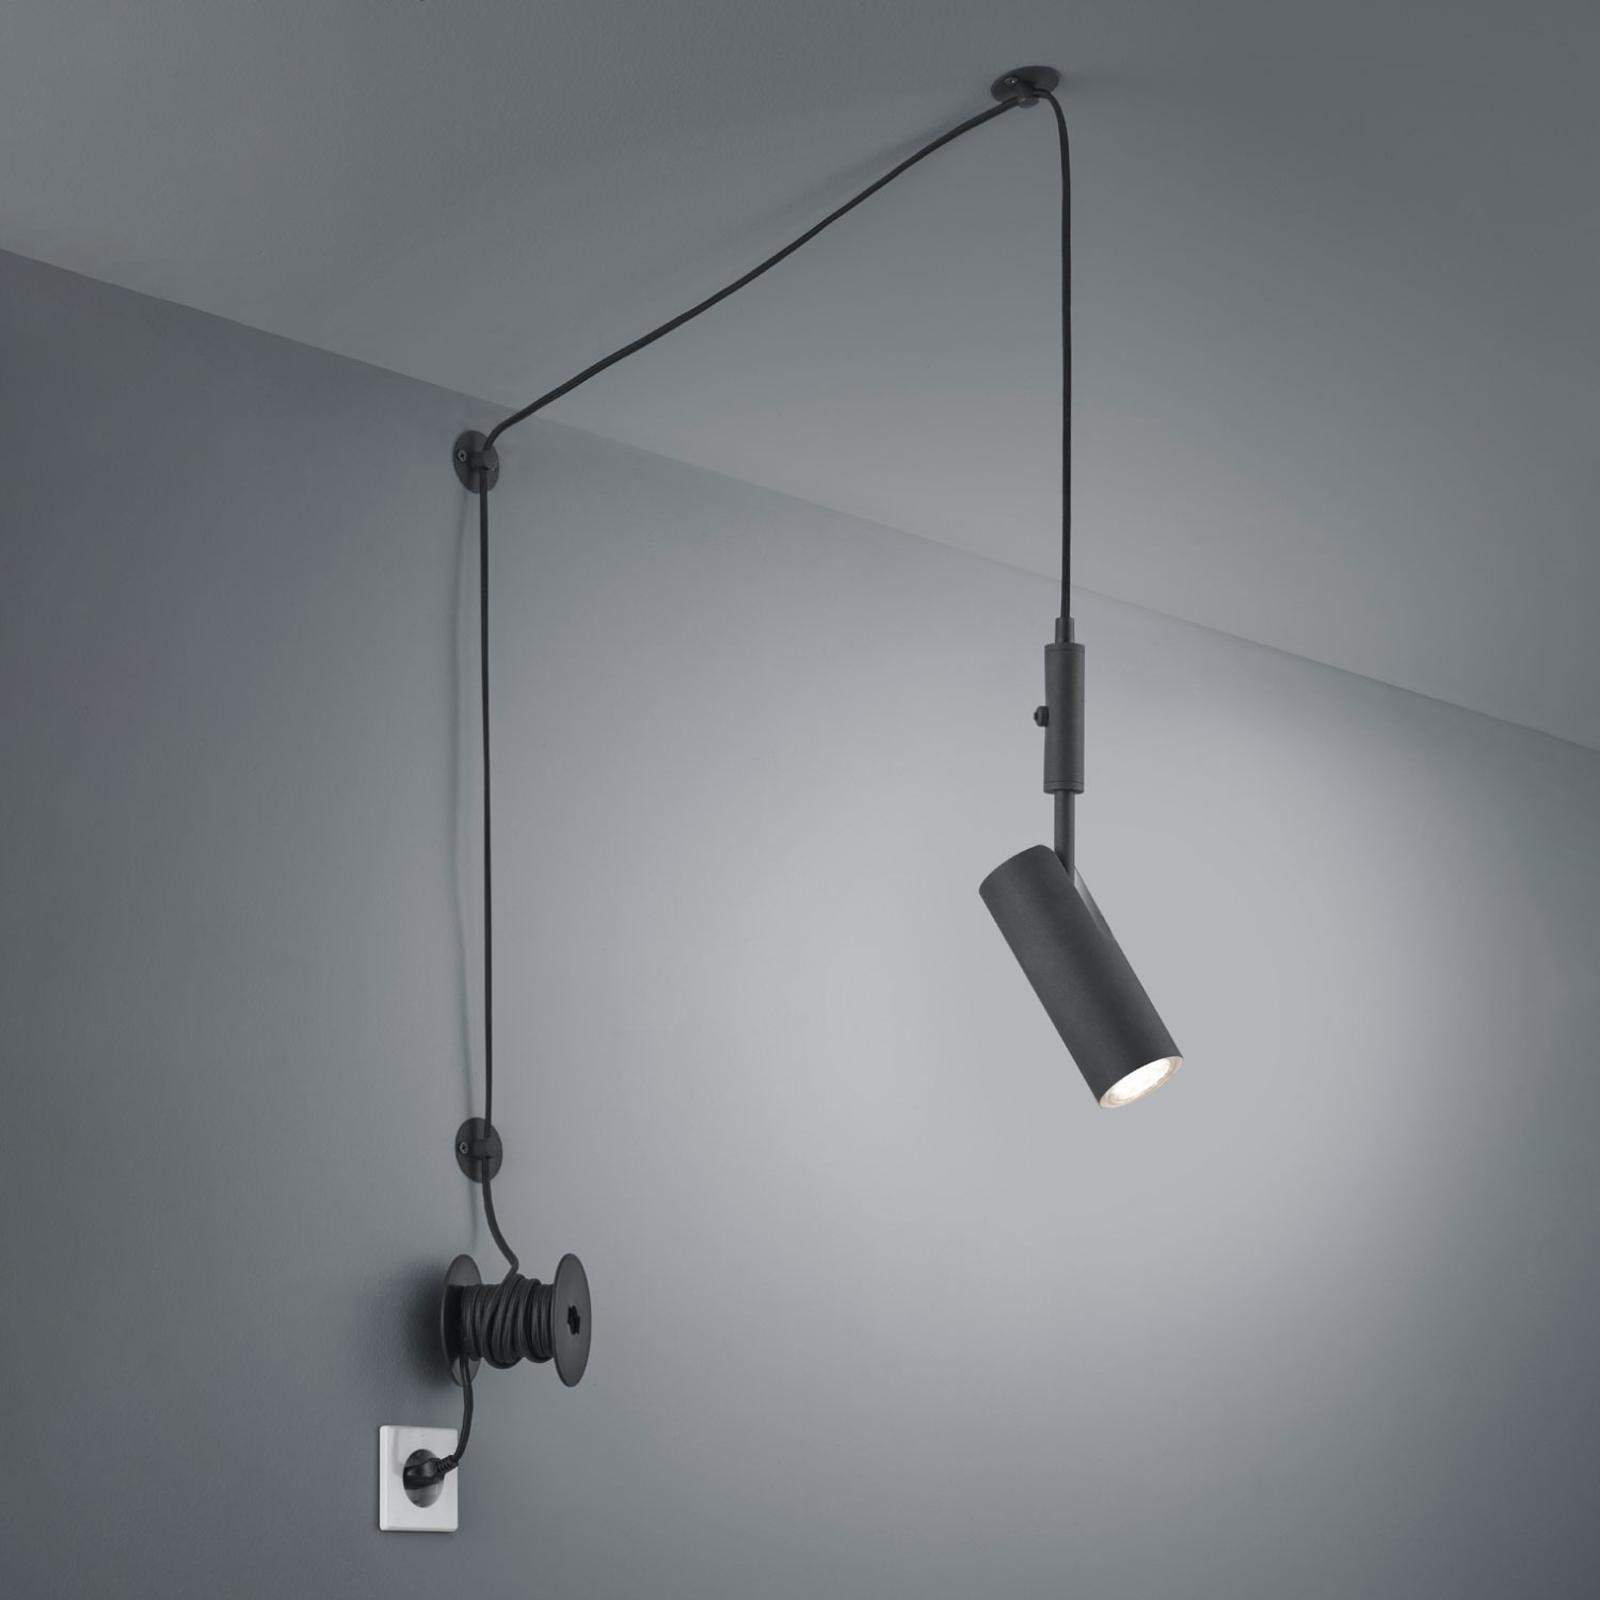 Lampa wisząca Carla decentryczna z wtyczką czarna